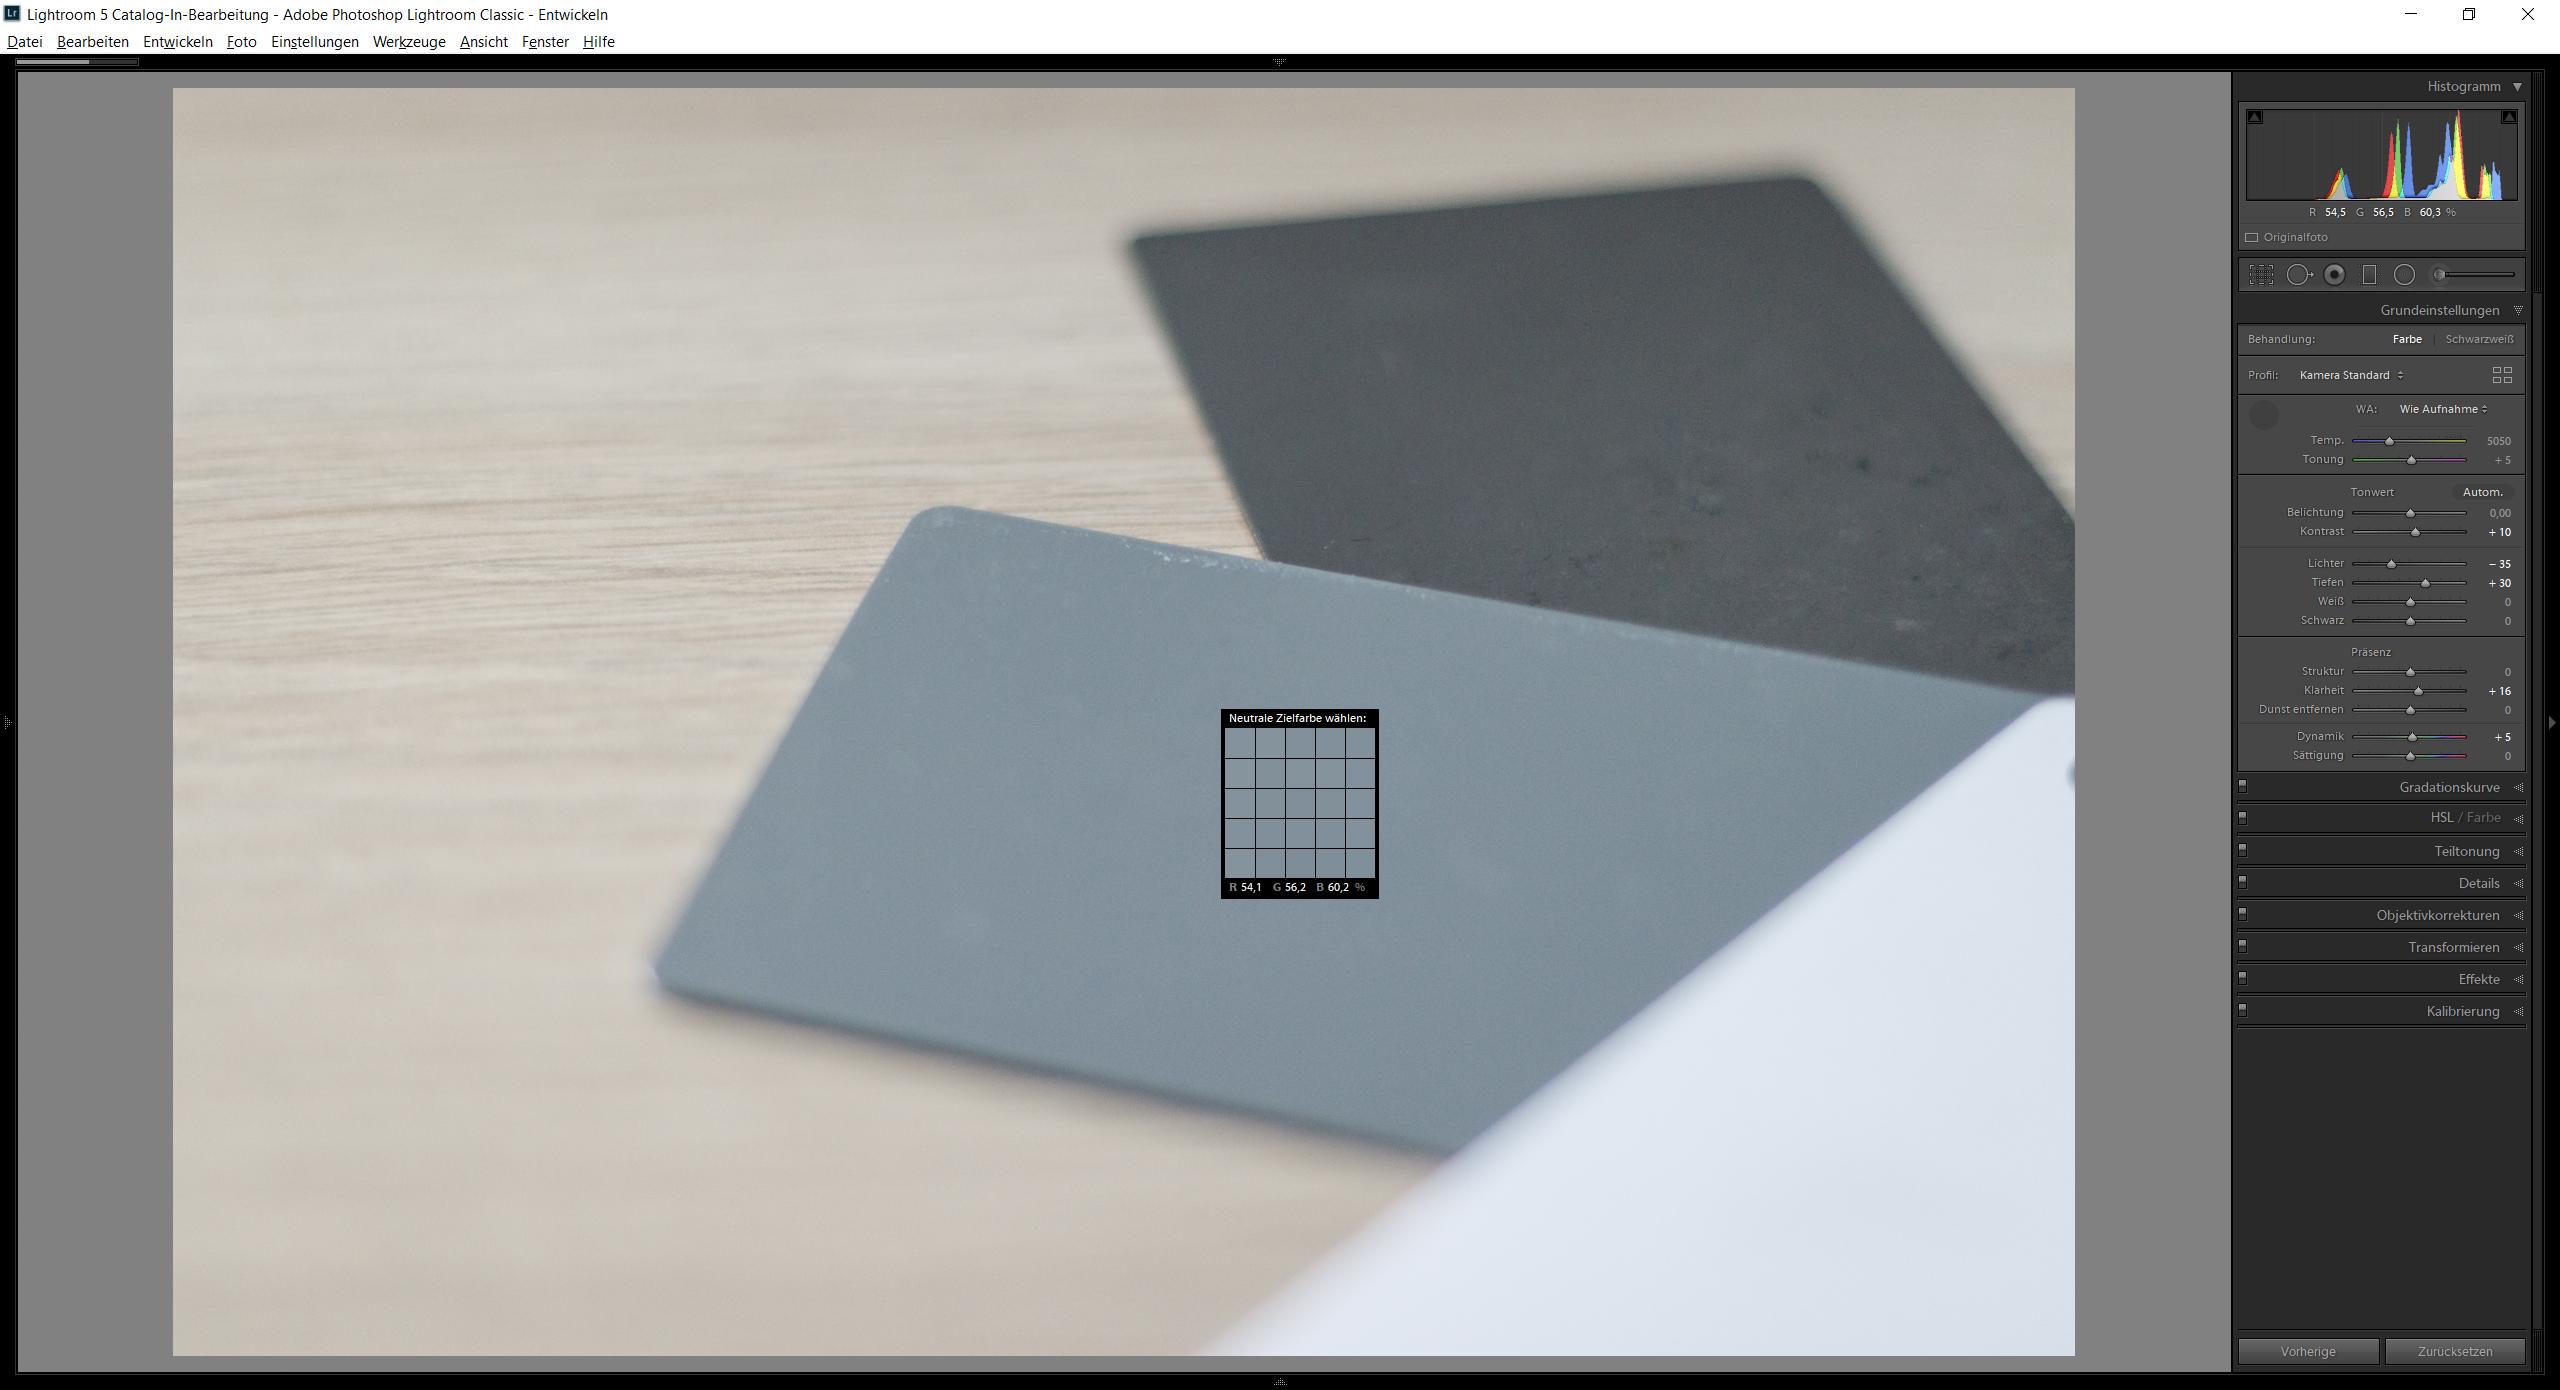 Die Pipette wollte einfach nicht auf den Screenshot, aber so ähnlich sieht das Auswählen einer Referenzfläche aus